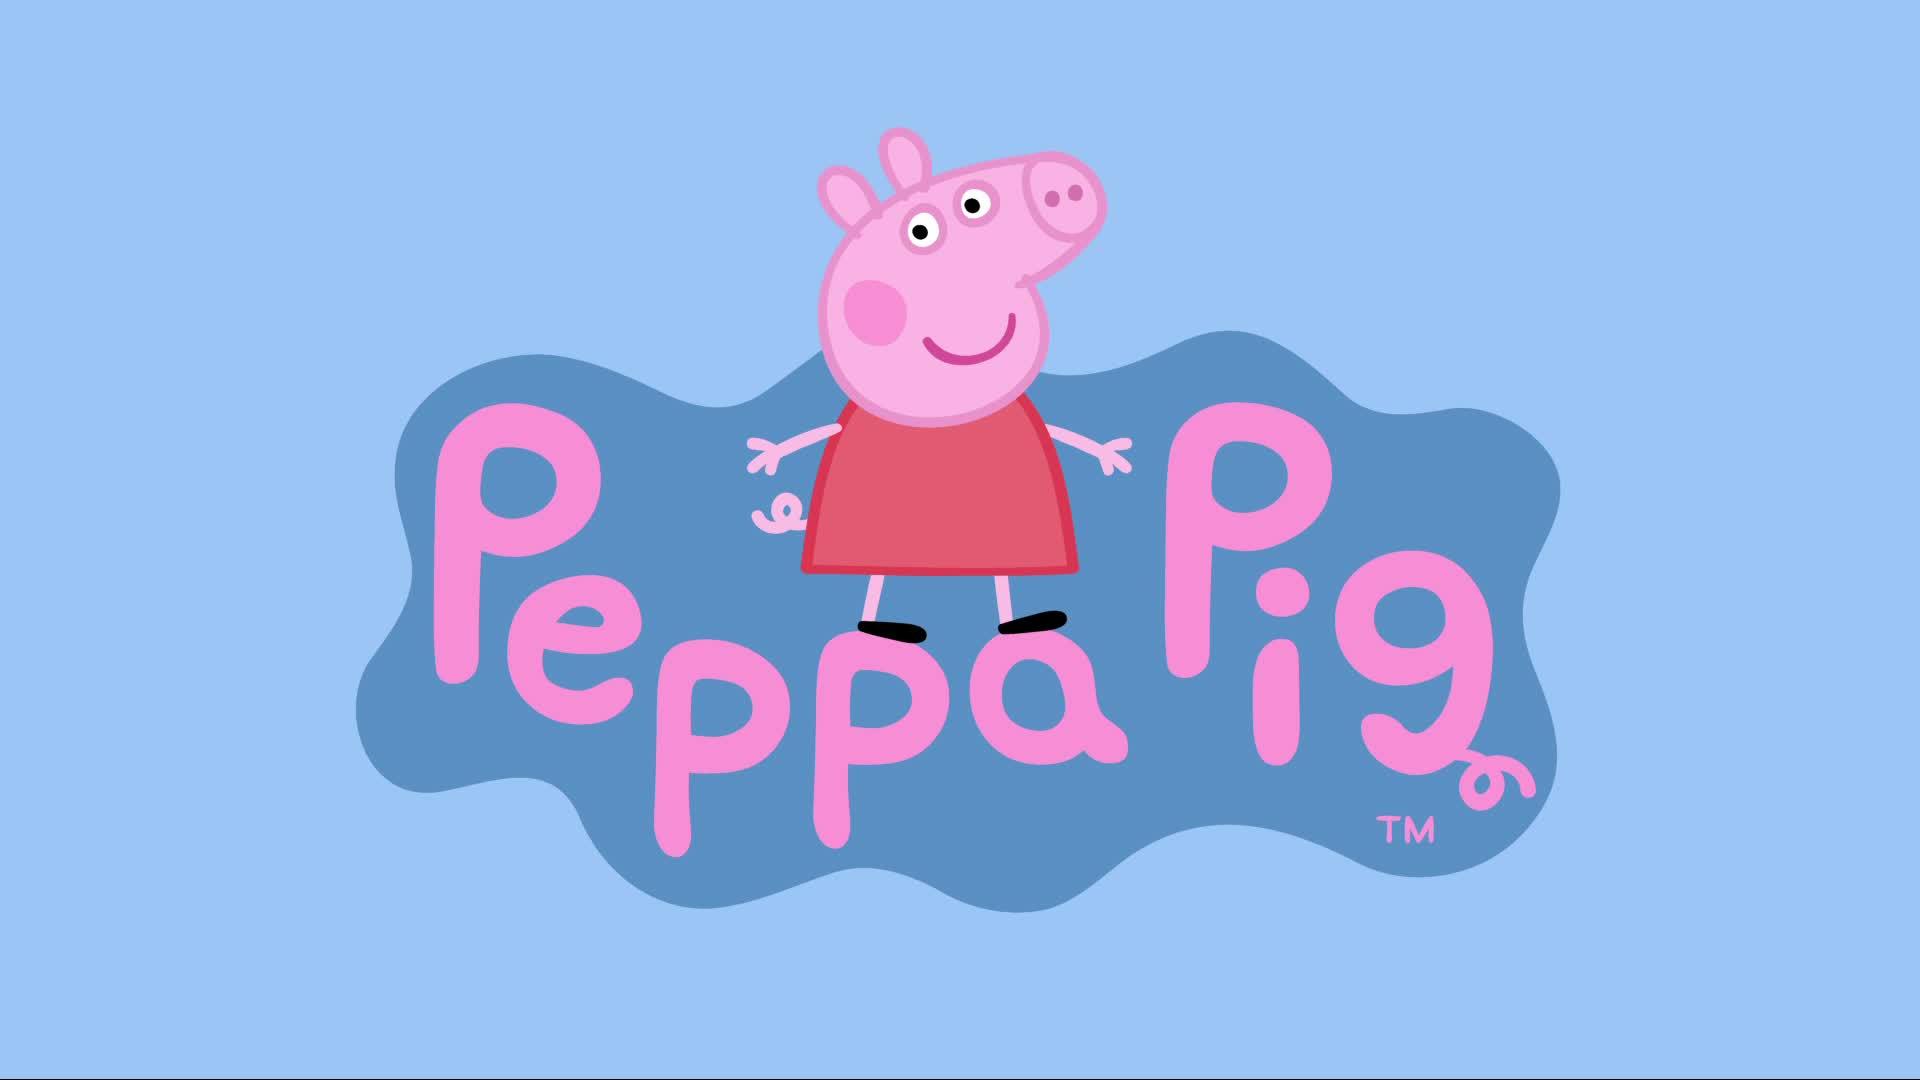 小猪佩奇|乔治在游乐园认识了一个新朋友,大家知道他的名字吗?